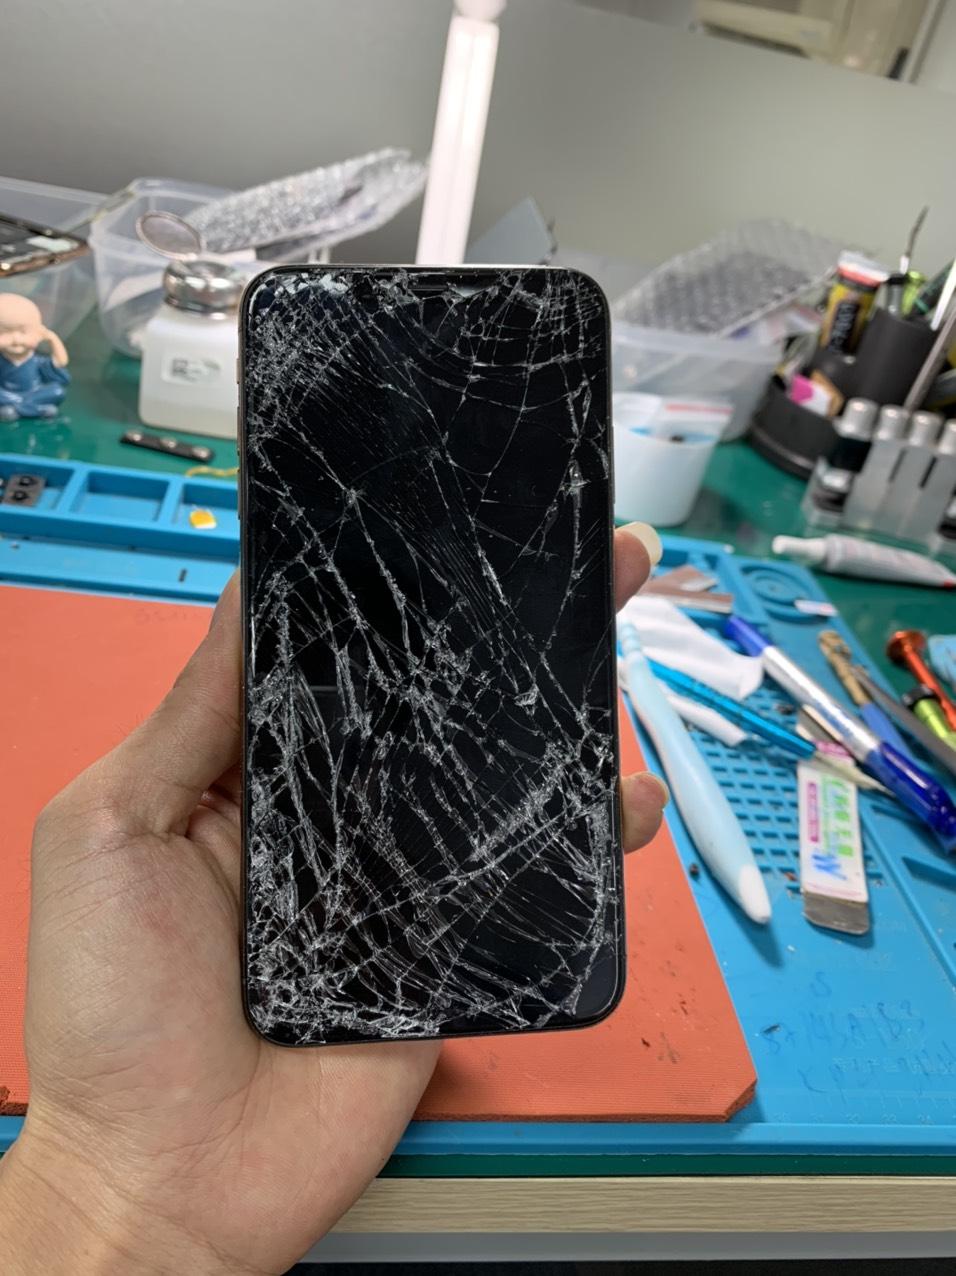 Khi nào nên thay mặt kính iPhone Xs